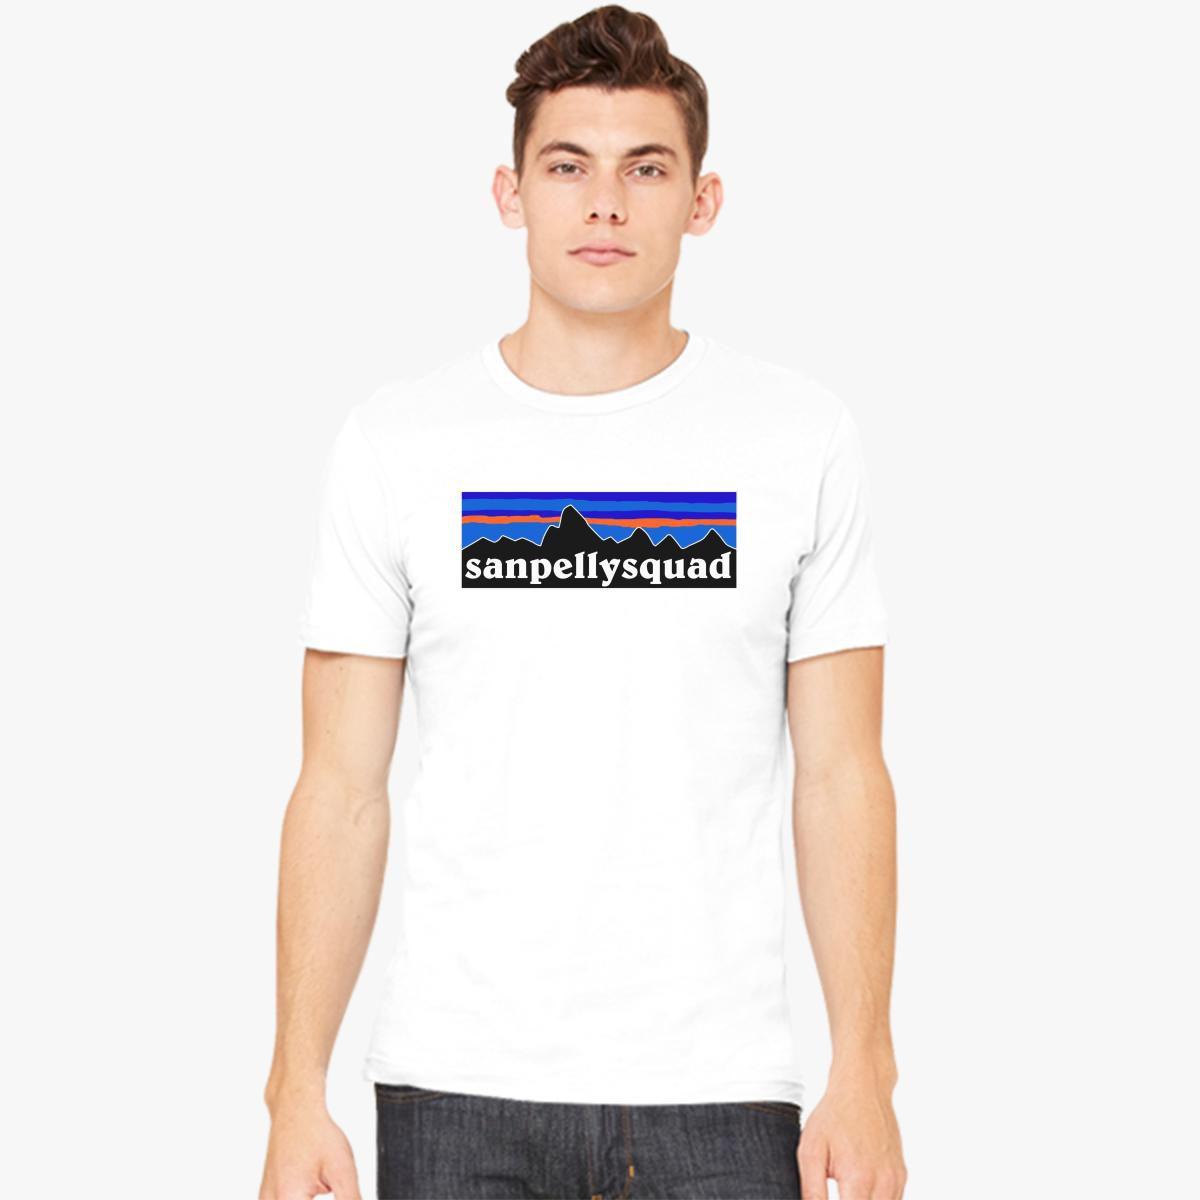 SANPELLYSQUAD FULL LOGO Men's T-shirt